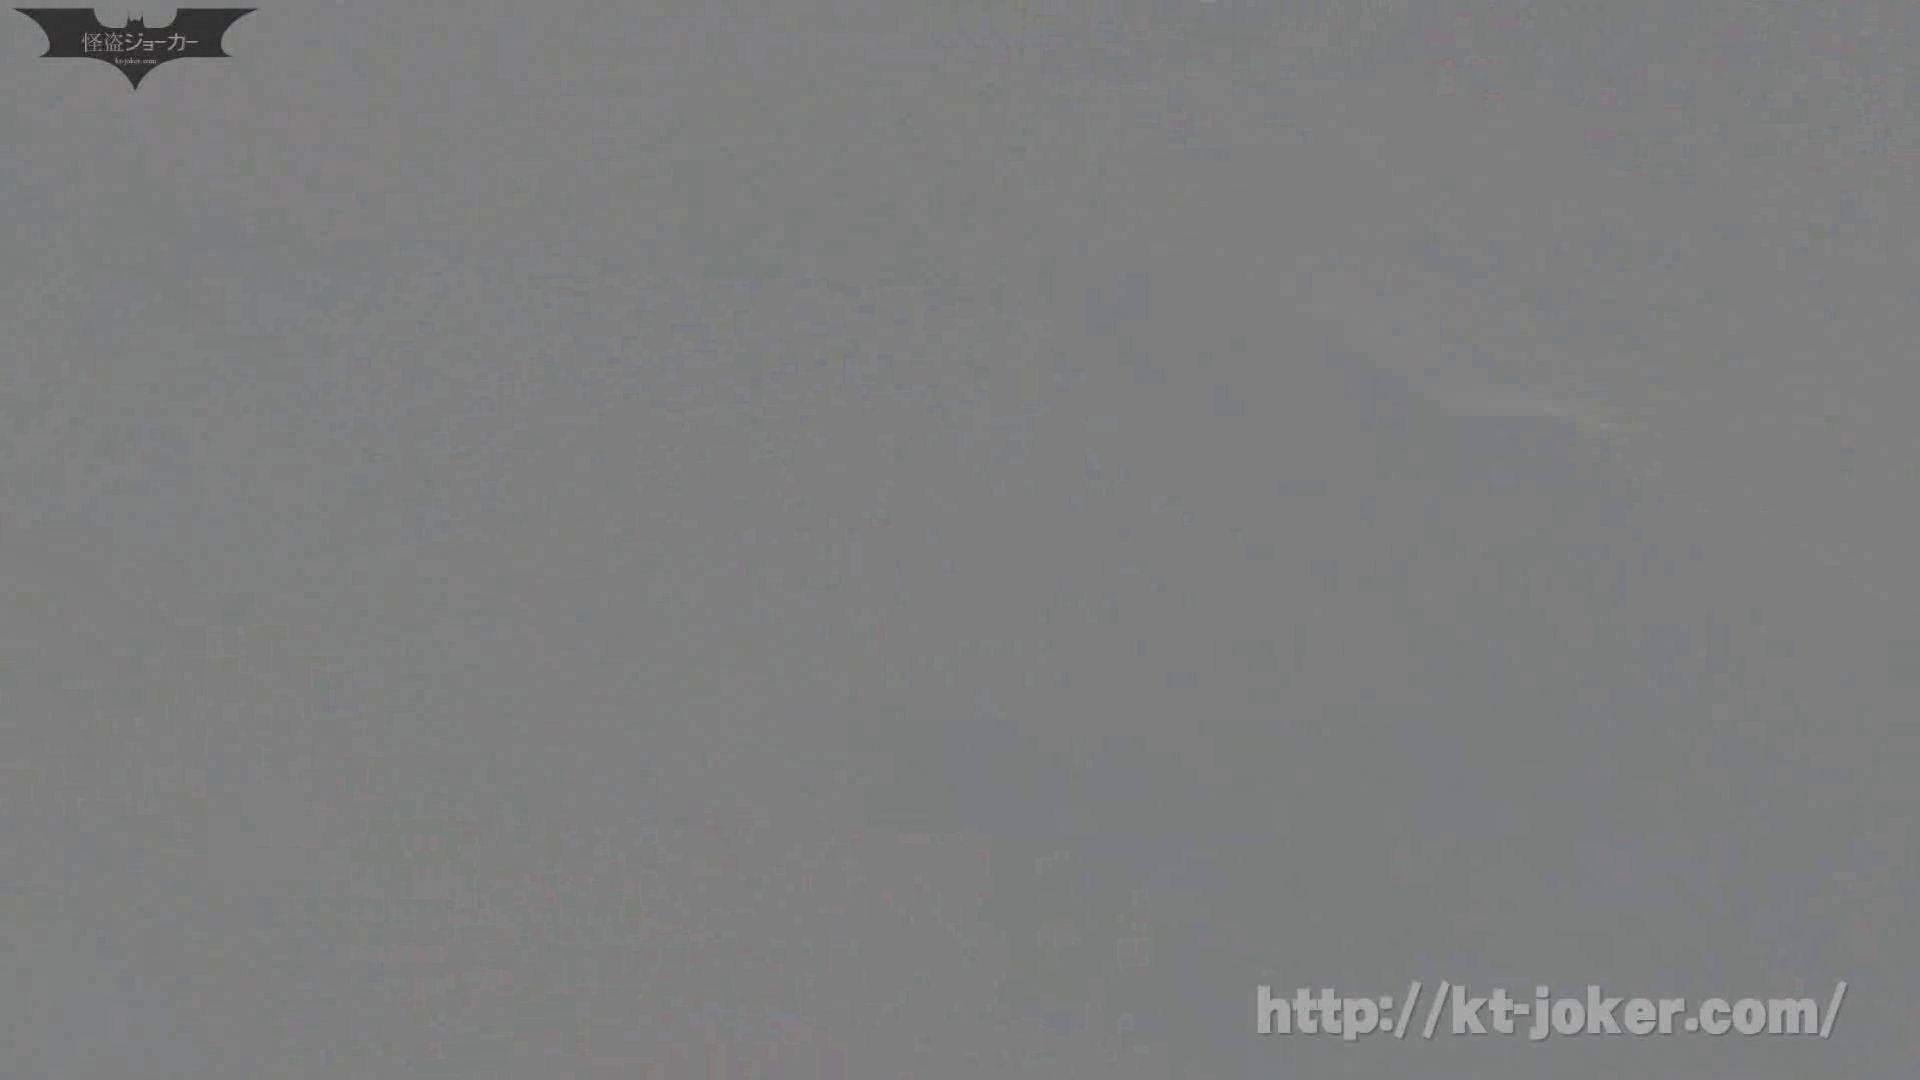 命がけ潜伏洗面所! vol.53 まず並ぶ所から!決して真似しないでください 洗面所 オメコ無修正動画無料 80pic 18